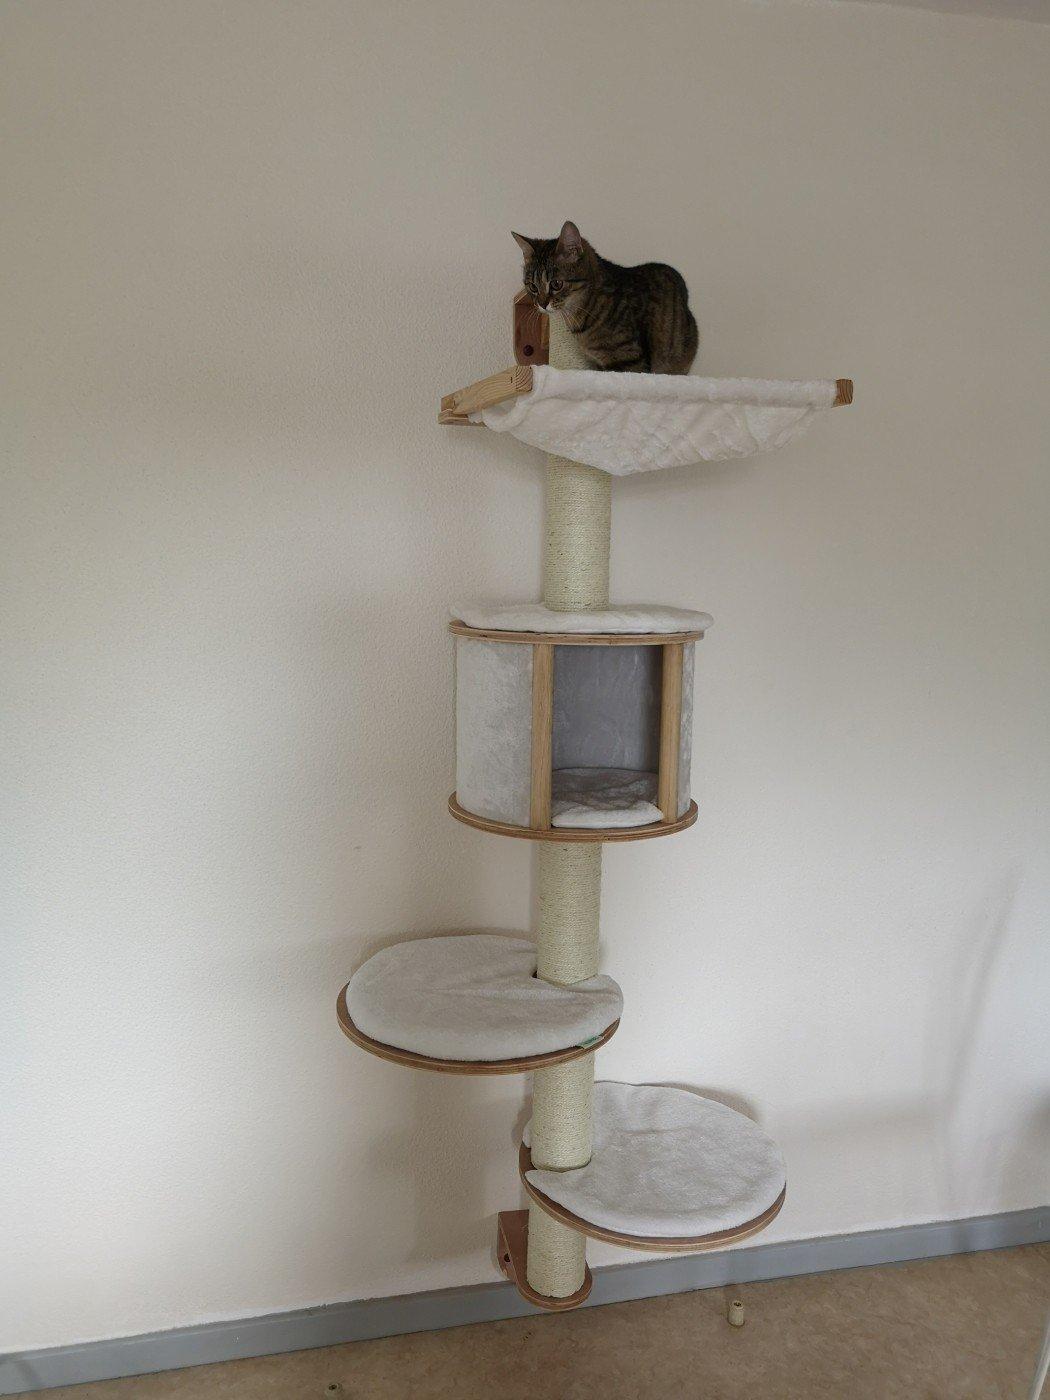 arbre chat mural dolomit arbre chat. Black Bedroom Furniture Sets. Home Design Ideas